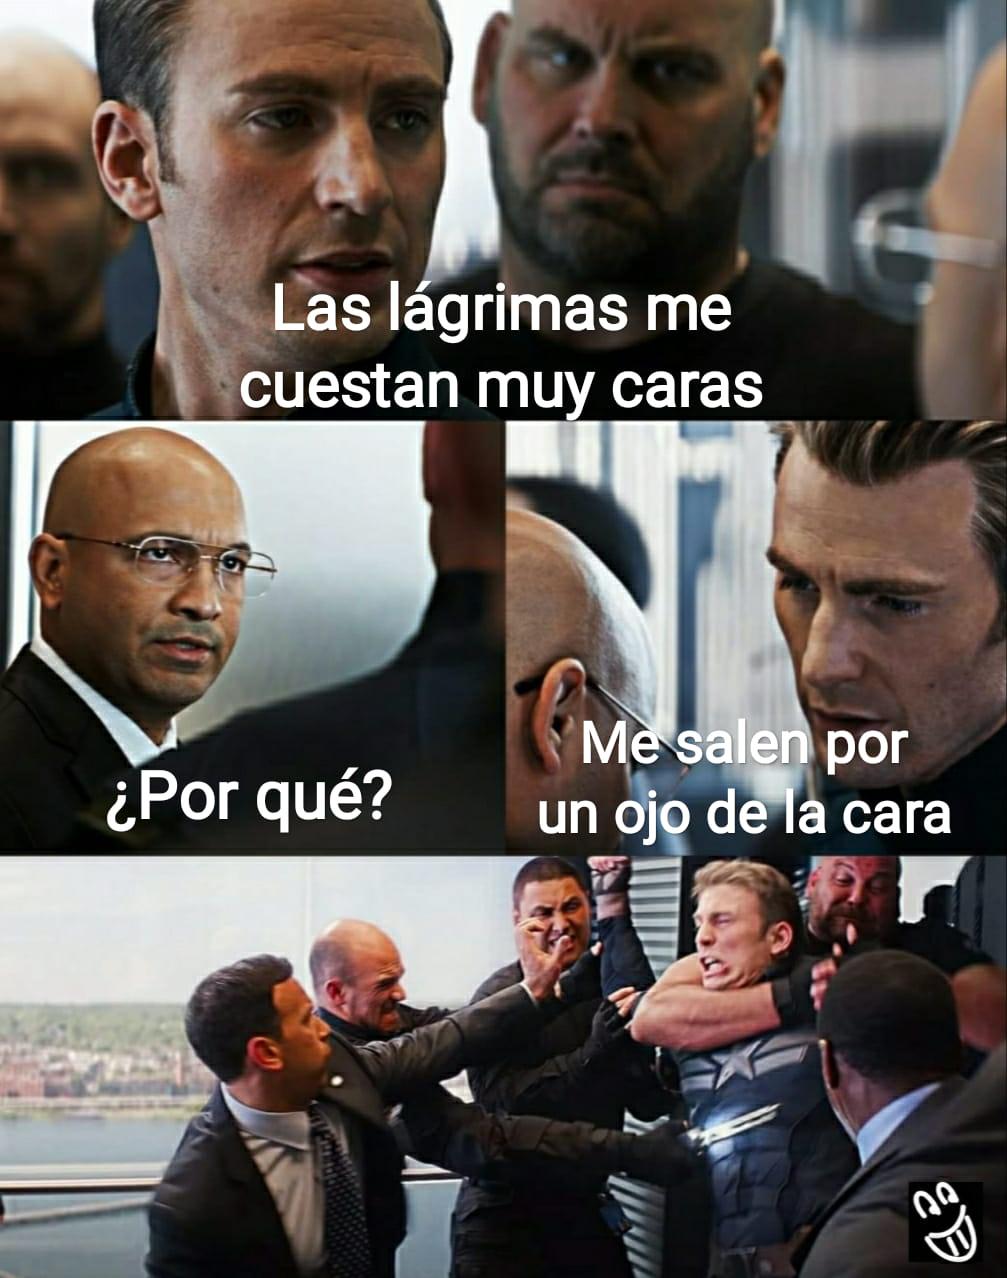 Meme Capitán América lágrimas caras ojo de la cara